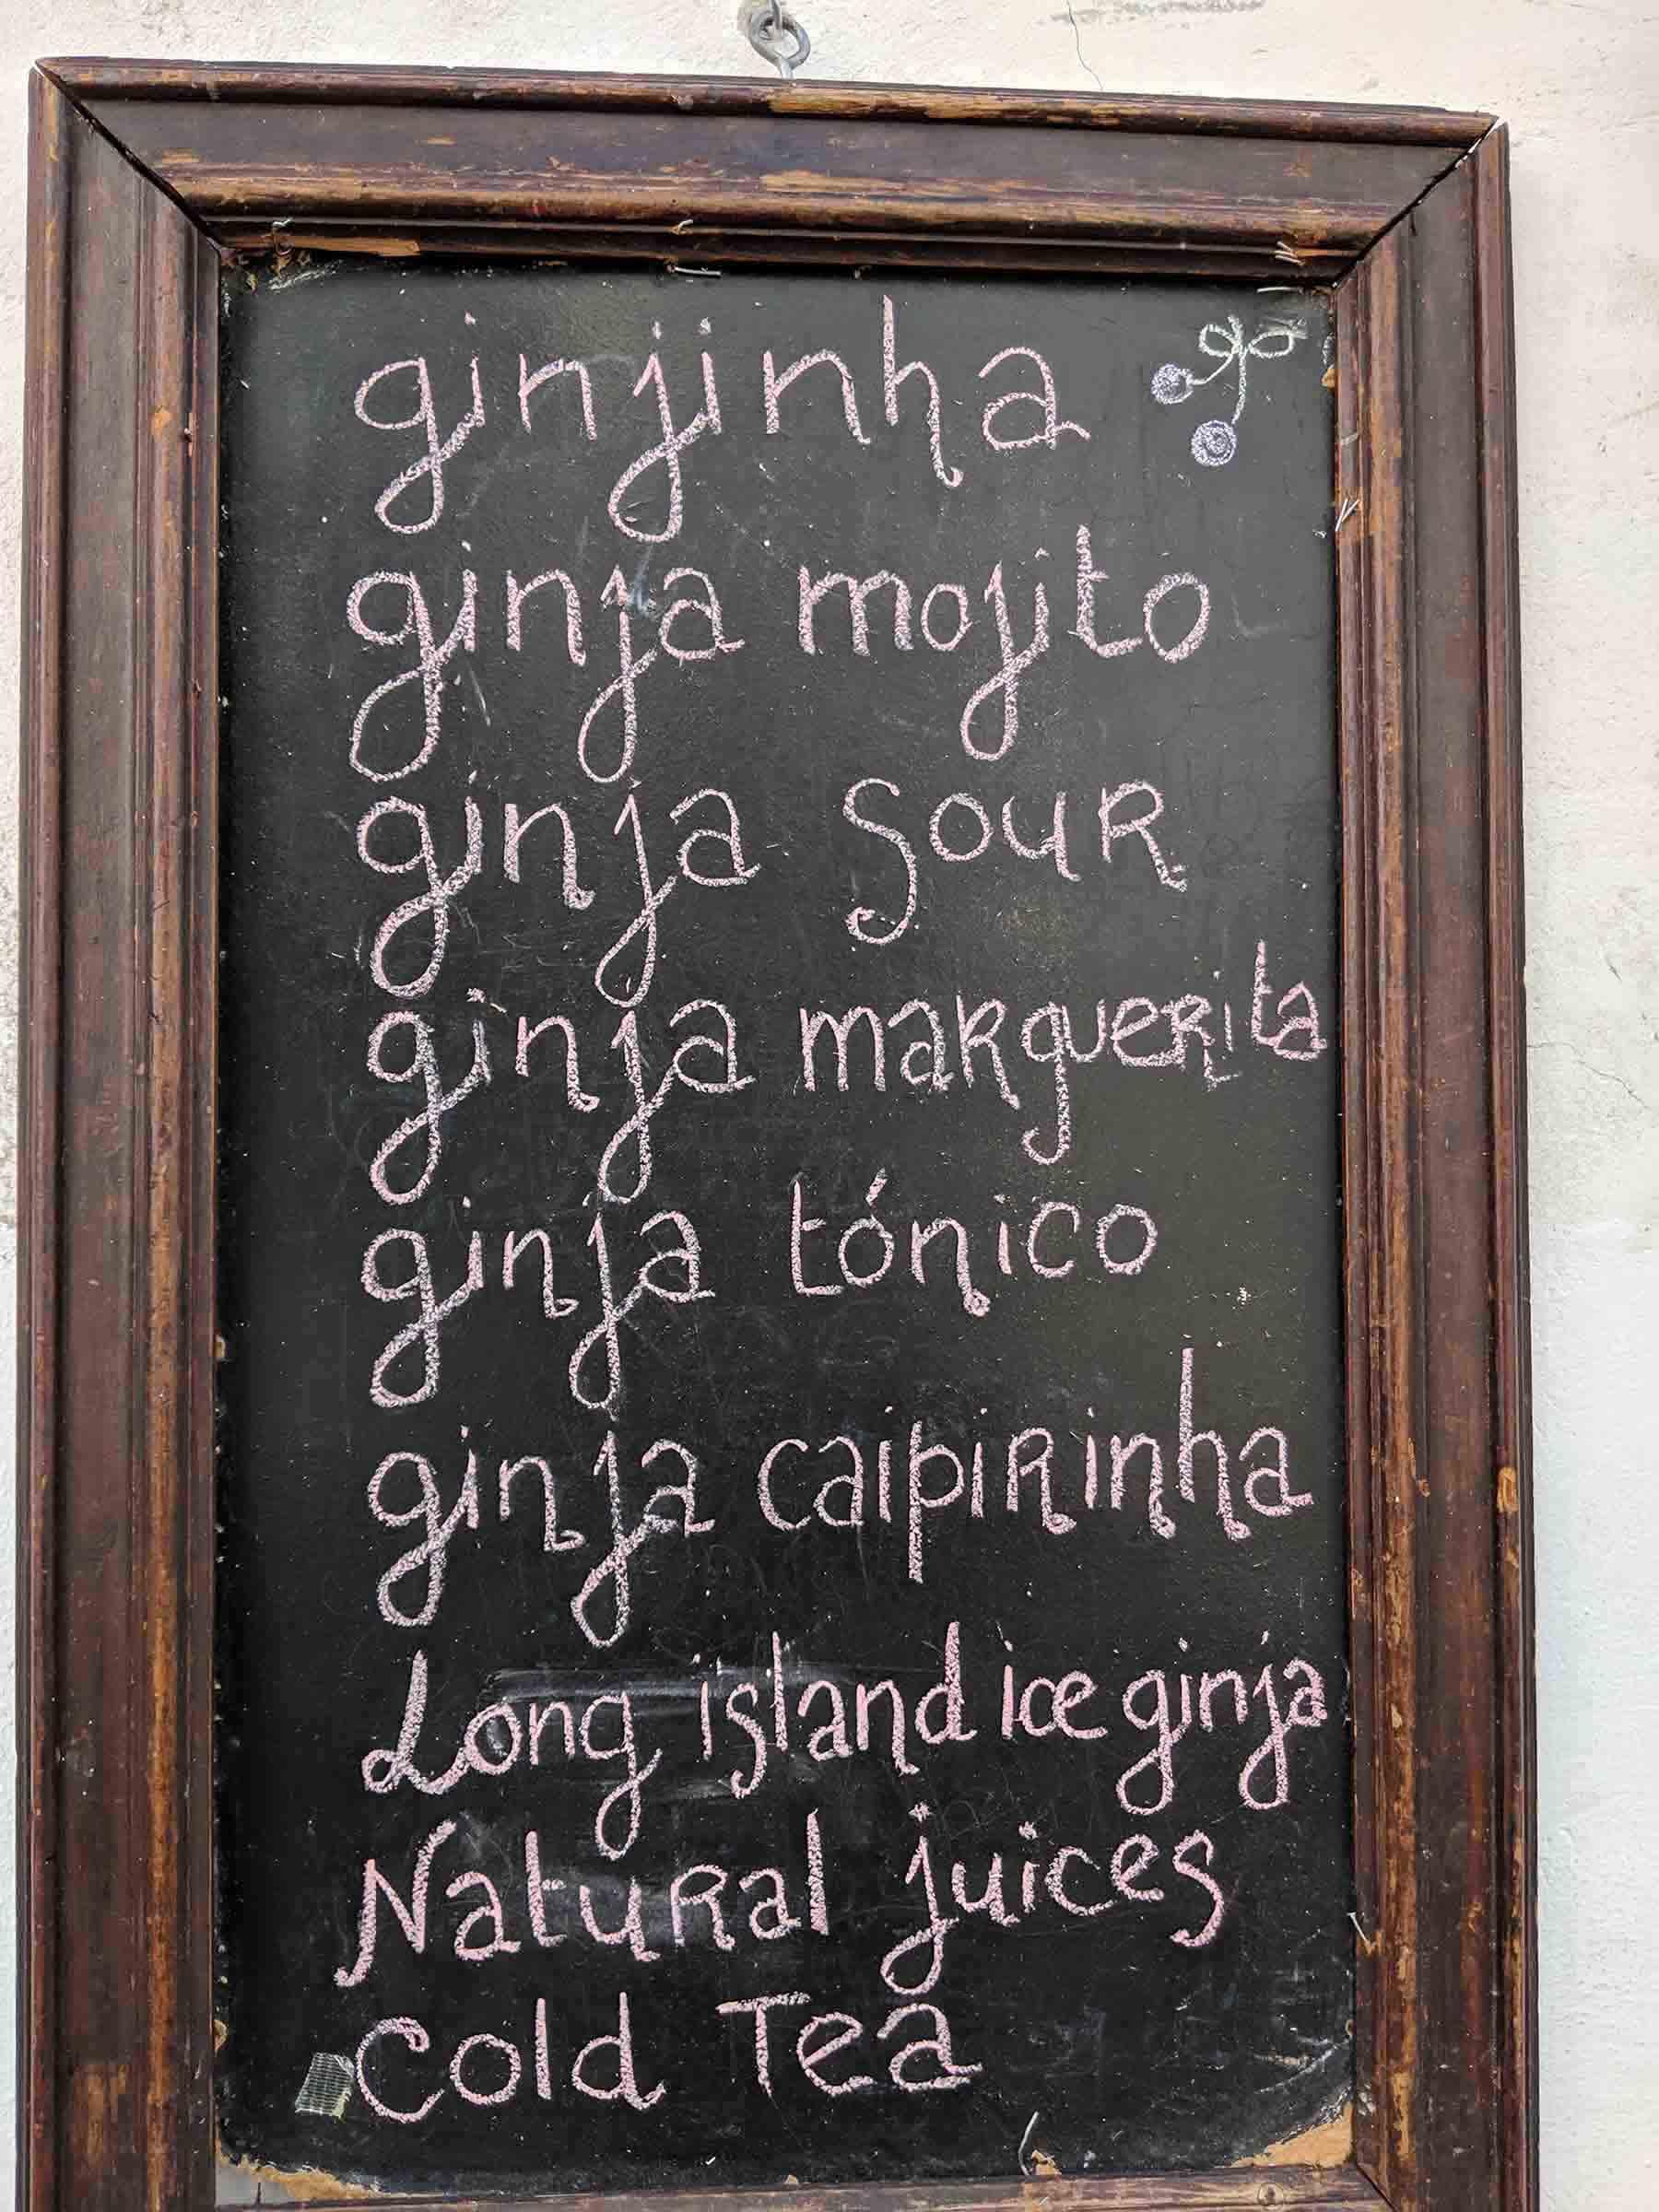 ginjinha cocktails